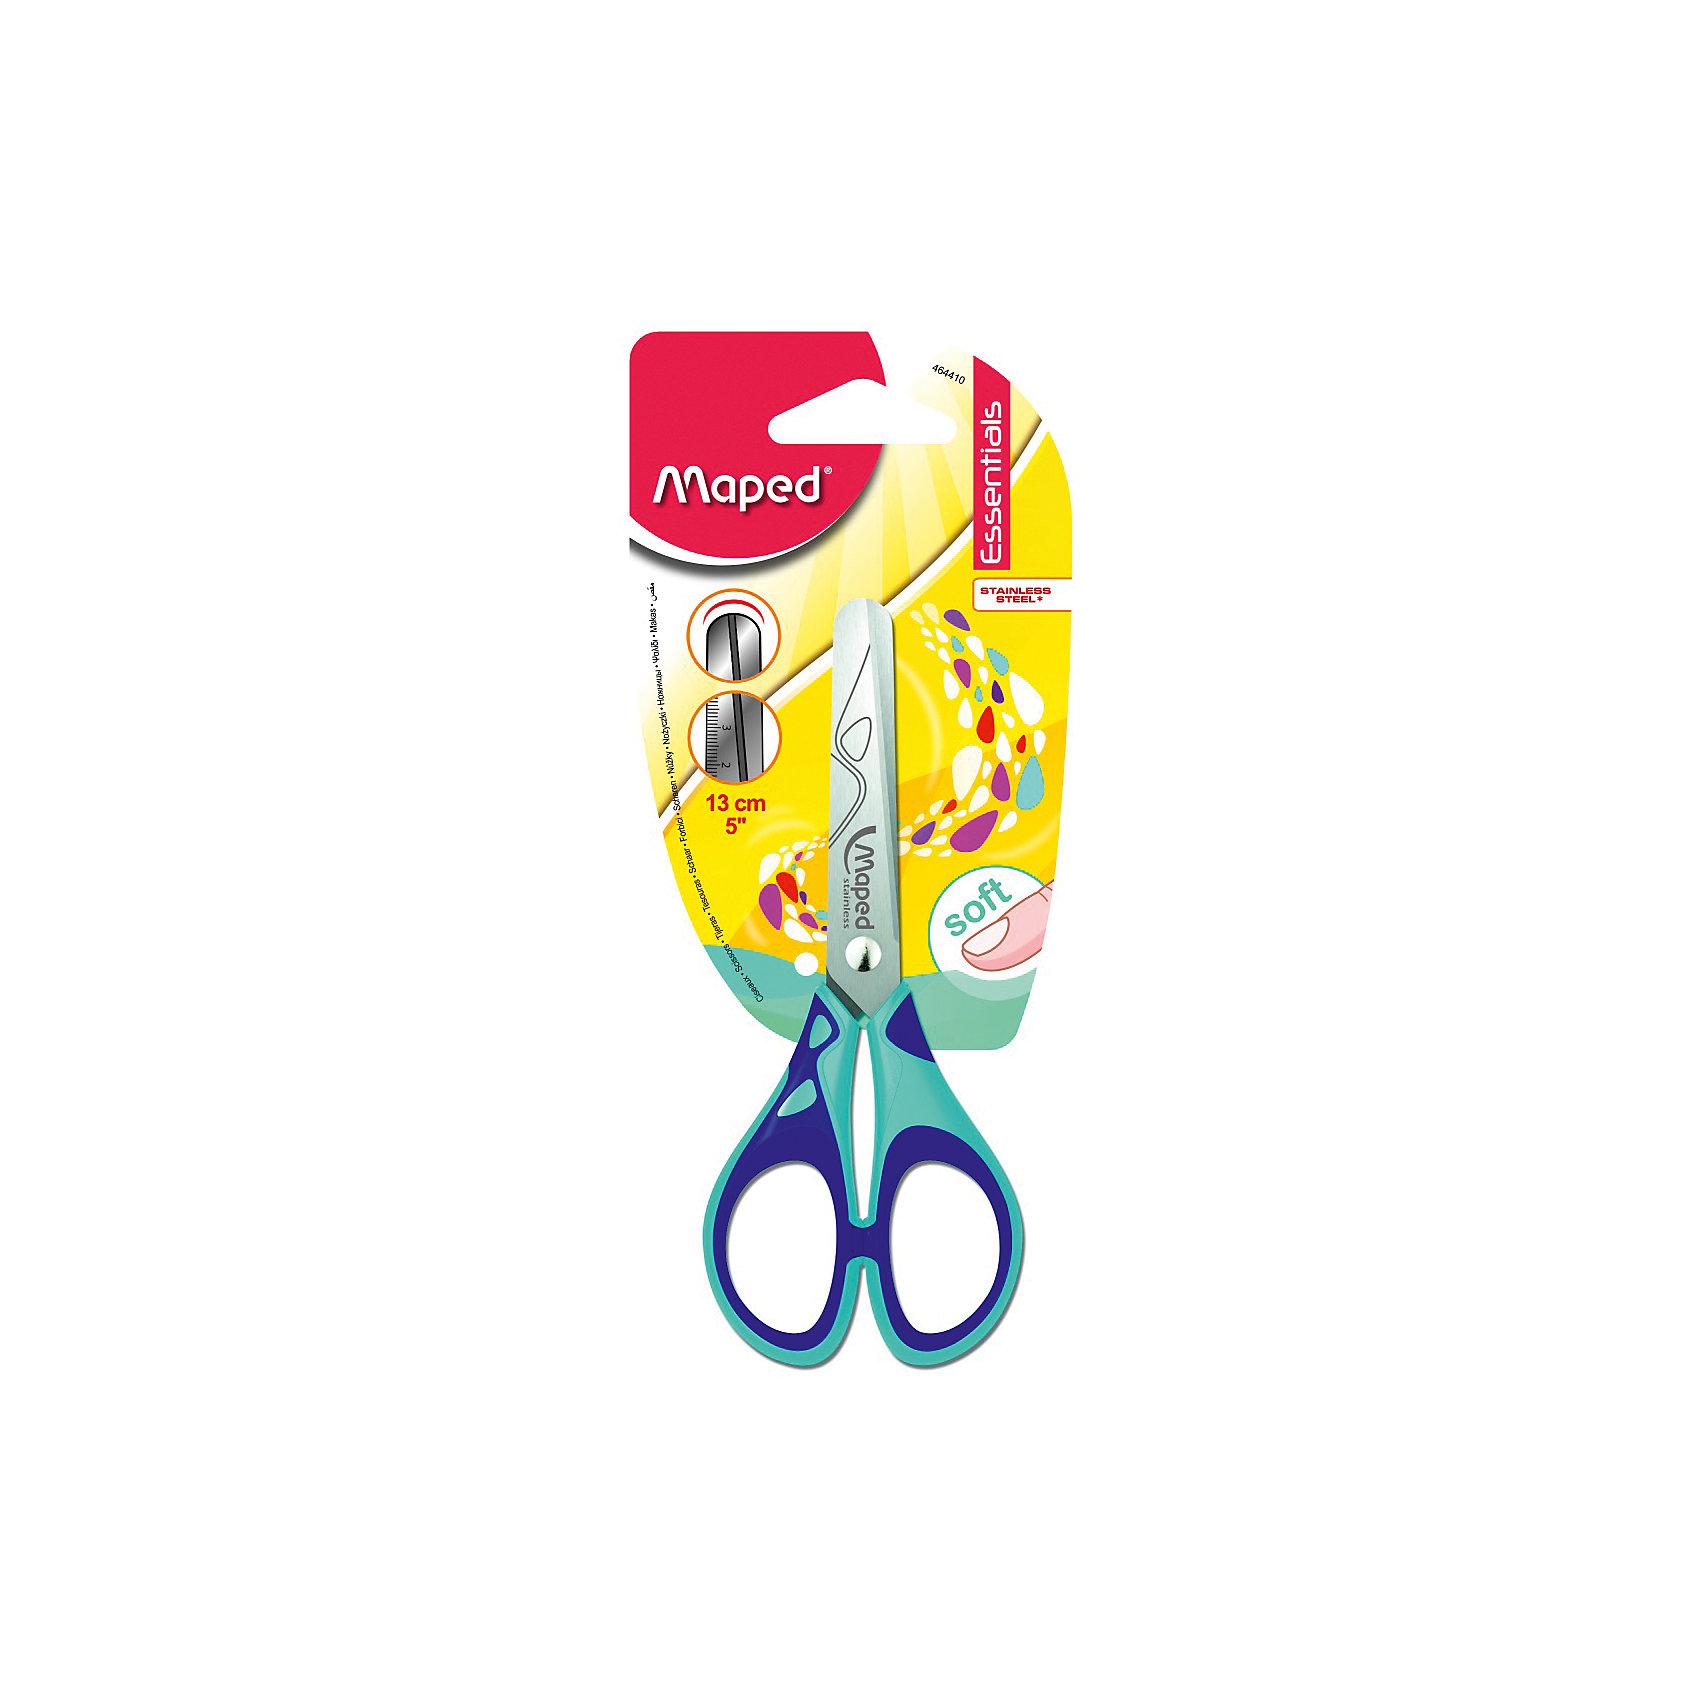 Ножницы симметричные Maped Essentials Soft, 13 смШкольные аксессуары<br>Характеристики:<br><br>• возраст: от 5 лет<br>• материал: нержавеющая сталь, пластик<br>• длина ножниц: 13 см.<br>• форма лезвий: закругленная<br>• вид колец: симметричные<br>• лезвия: безопасные, с линейкой<br><br>Ножницы Essentials Soft с симметричными прорезиненными кольцами и безопасными закругленными концами лезвий идеально подходят для использования детьми в школе и дома. Лезвия ножниц выполнены из нержавеющей стали. На лезвия нанесена маркировка в сантиметрах.<br><br>MAPED Ножницы 13 см симметричные с прорезиненными ручками Essentials Soft можно купить в нашем интернет-магазине.<br><br>Ширина мм: 9<br>Глубина мм: 185<br>Высота мм: 75<br>Вес г: 27<br>Возраст от месяцев: 60<br>Возраст до месяцев: 2147483647<br>Пол: Унисекс<br>Возраст: Детский<br>SKU: 7065317